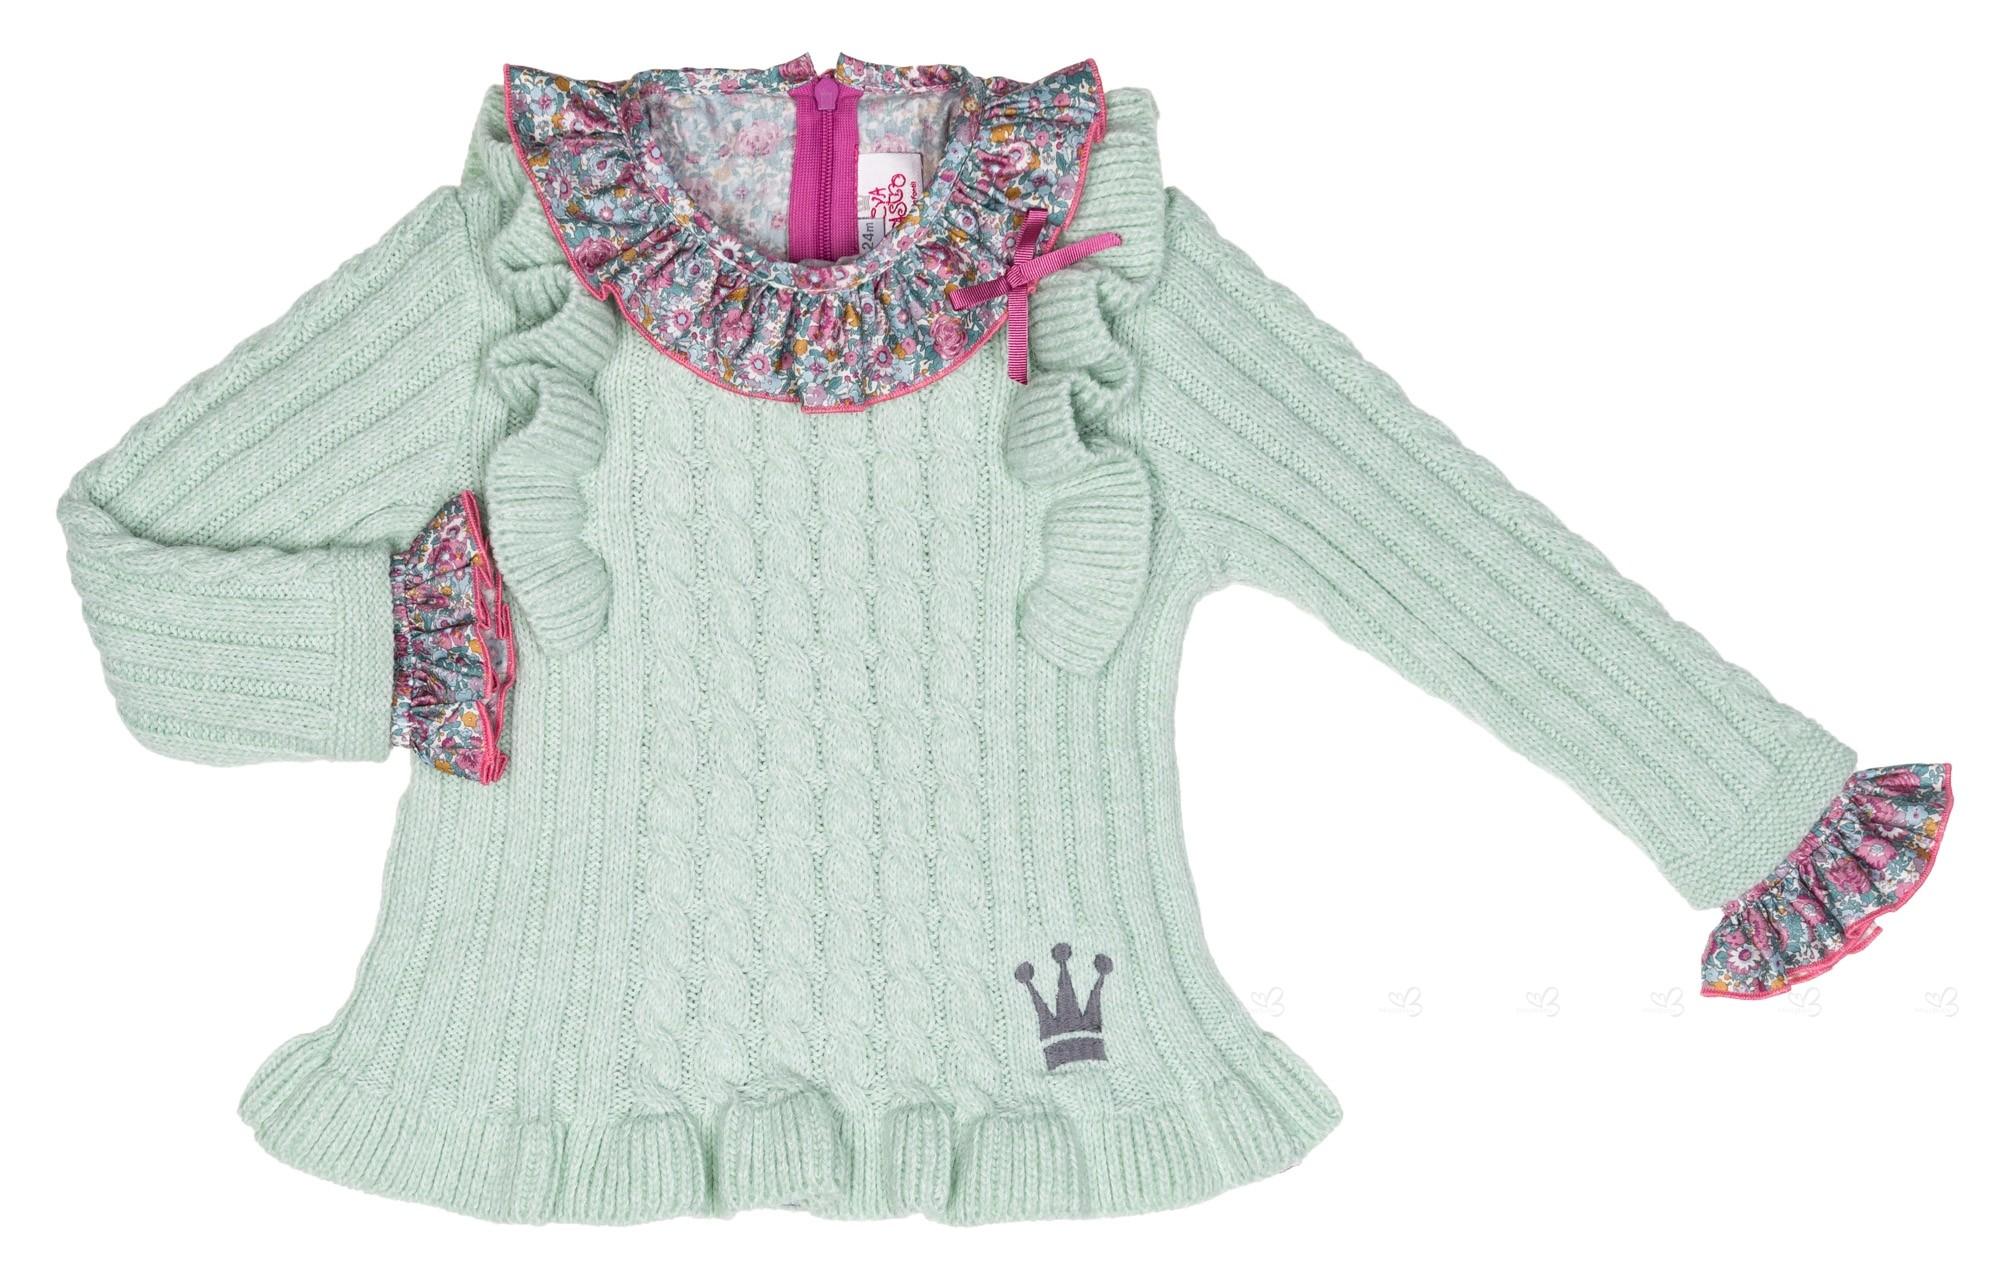 Girls Green Knitted Sweater, Liberty Print Blouse & Ruffle Shorts ...